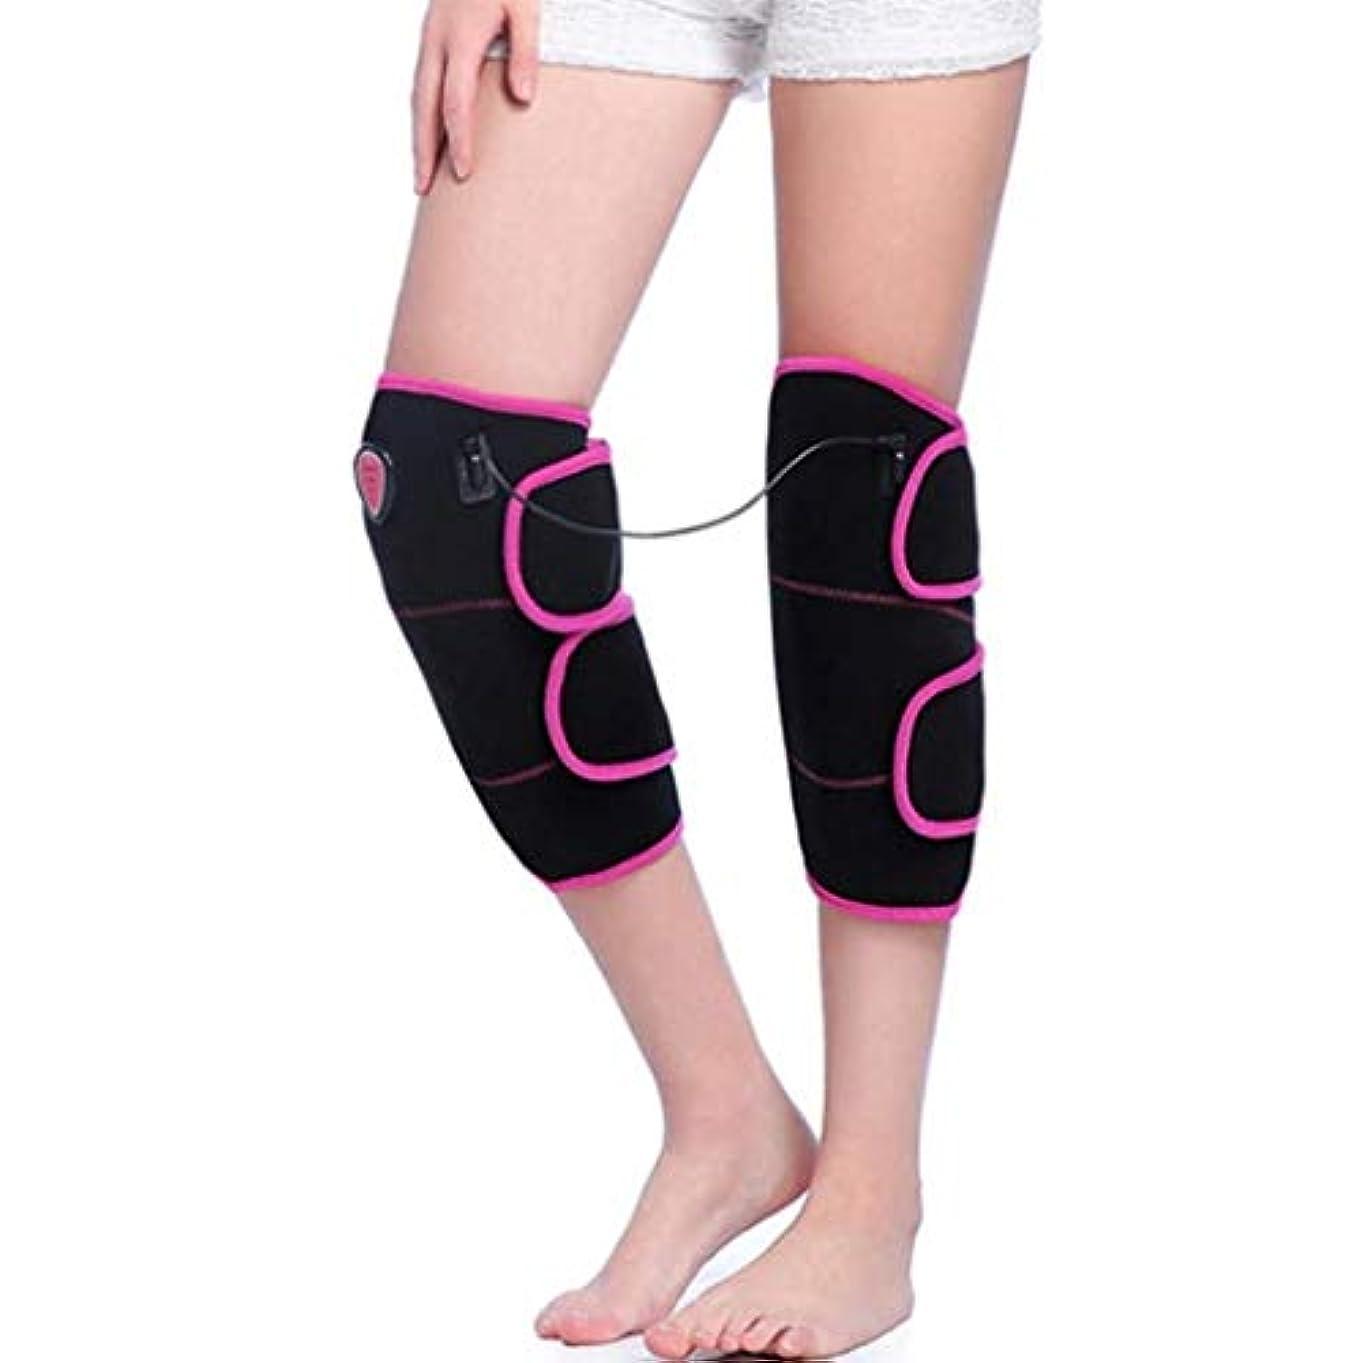 私たちスワップ信者フットマッサージャー、加熱式膝プロテクター、温熱oxi、膝捻Andおよび関節筋弛緩に適し、血液循環を促進/保温